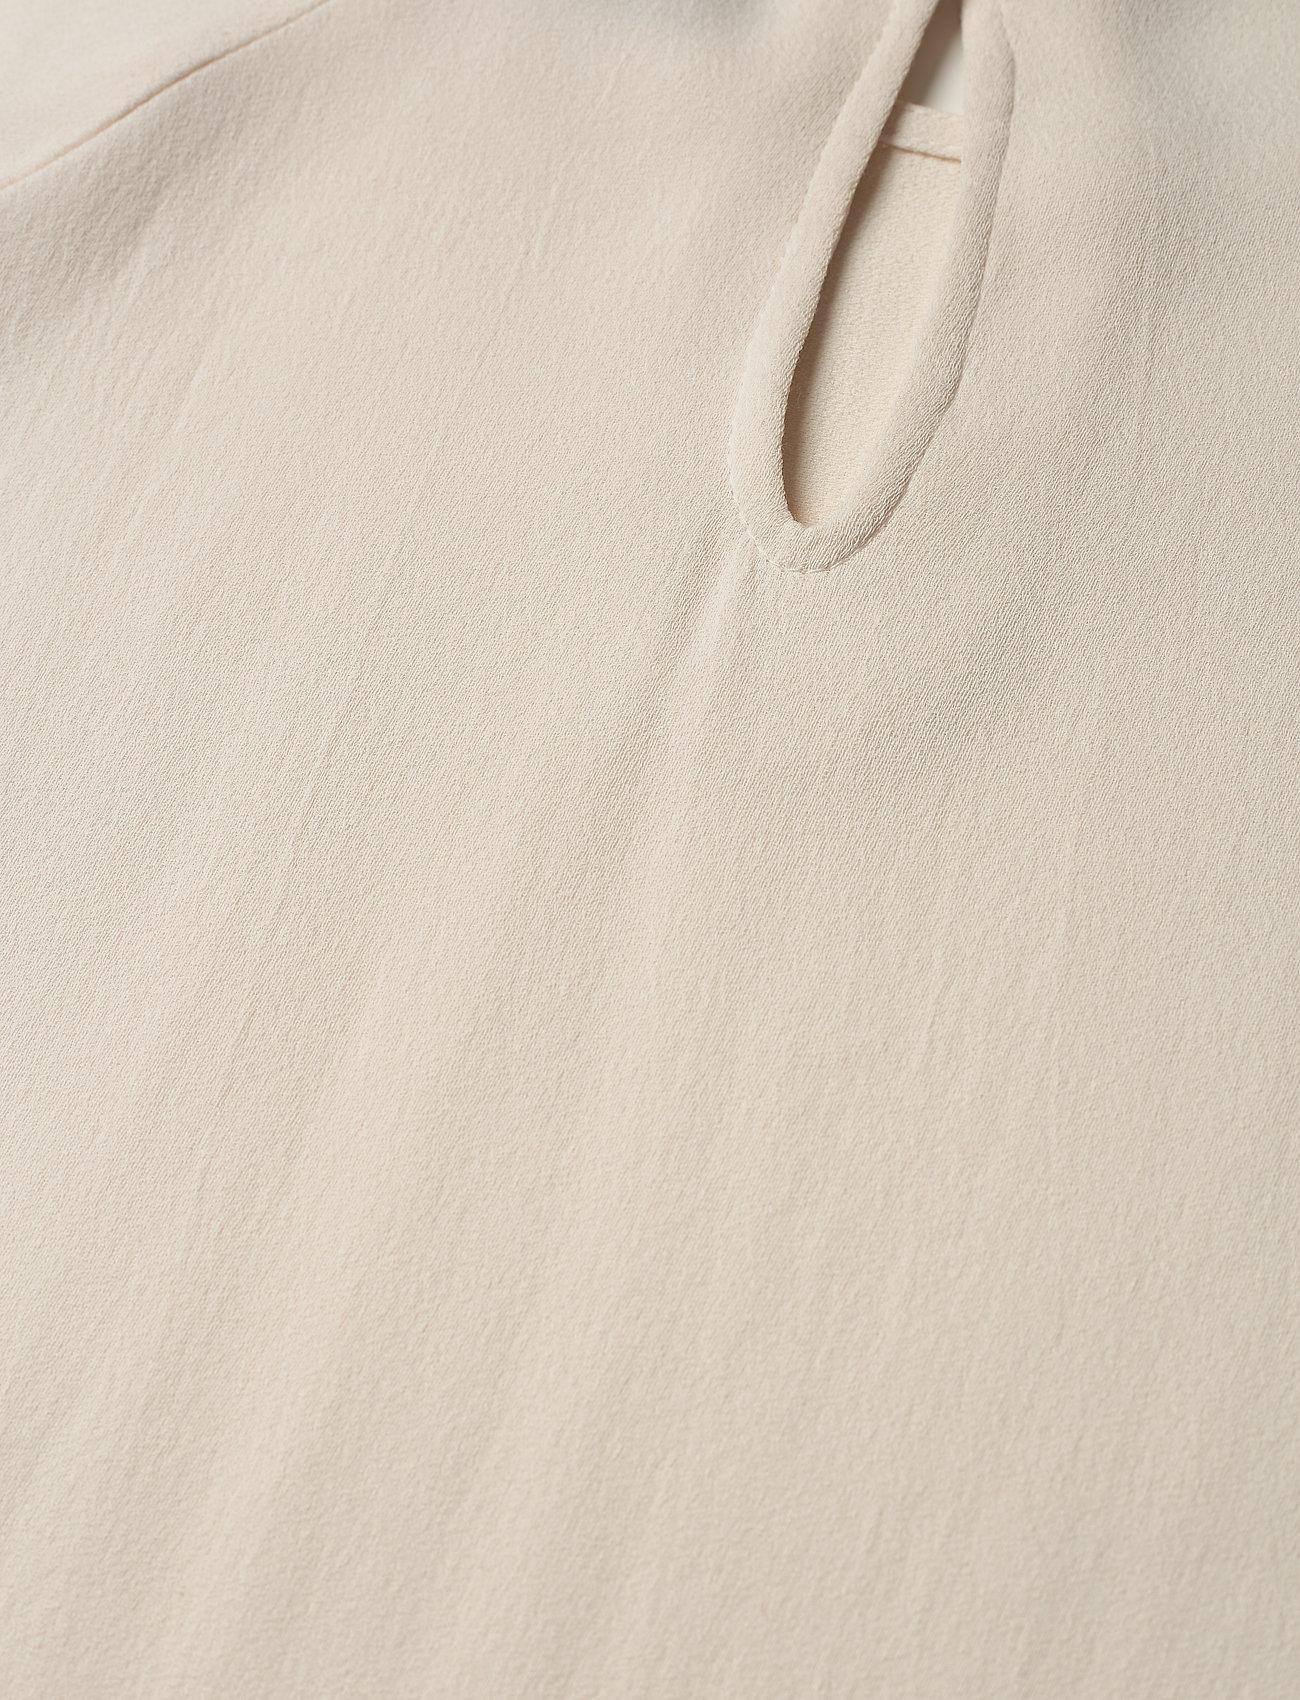 Ellis Top (White) (49.50 €) - Lexington Clothing 3vqLH